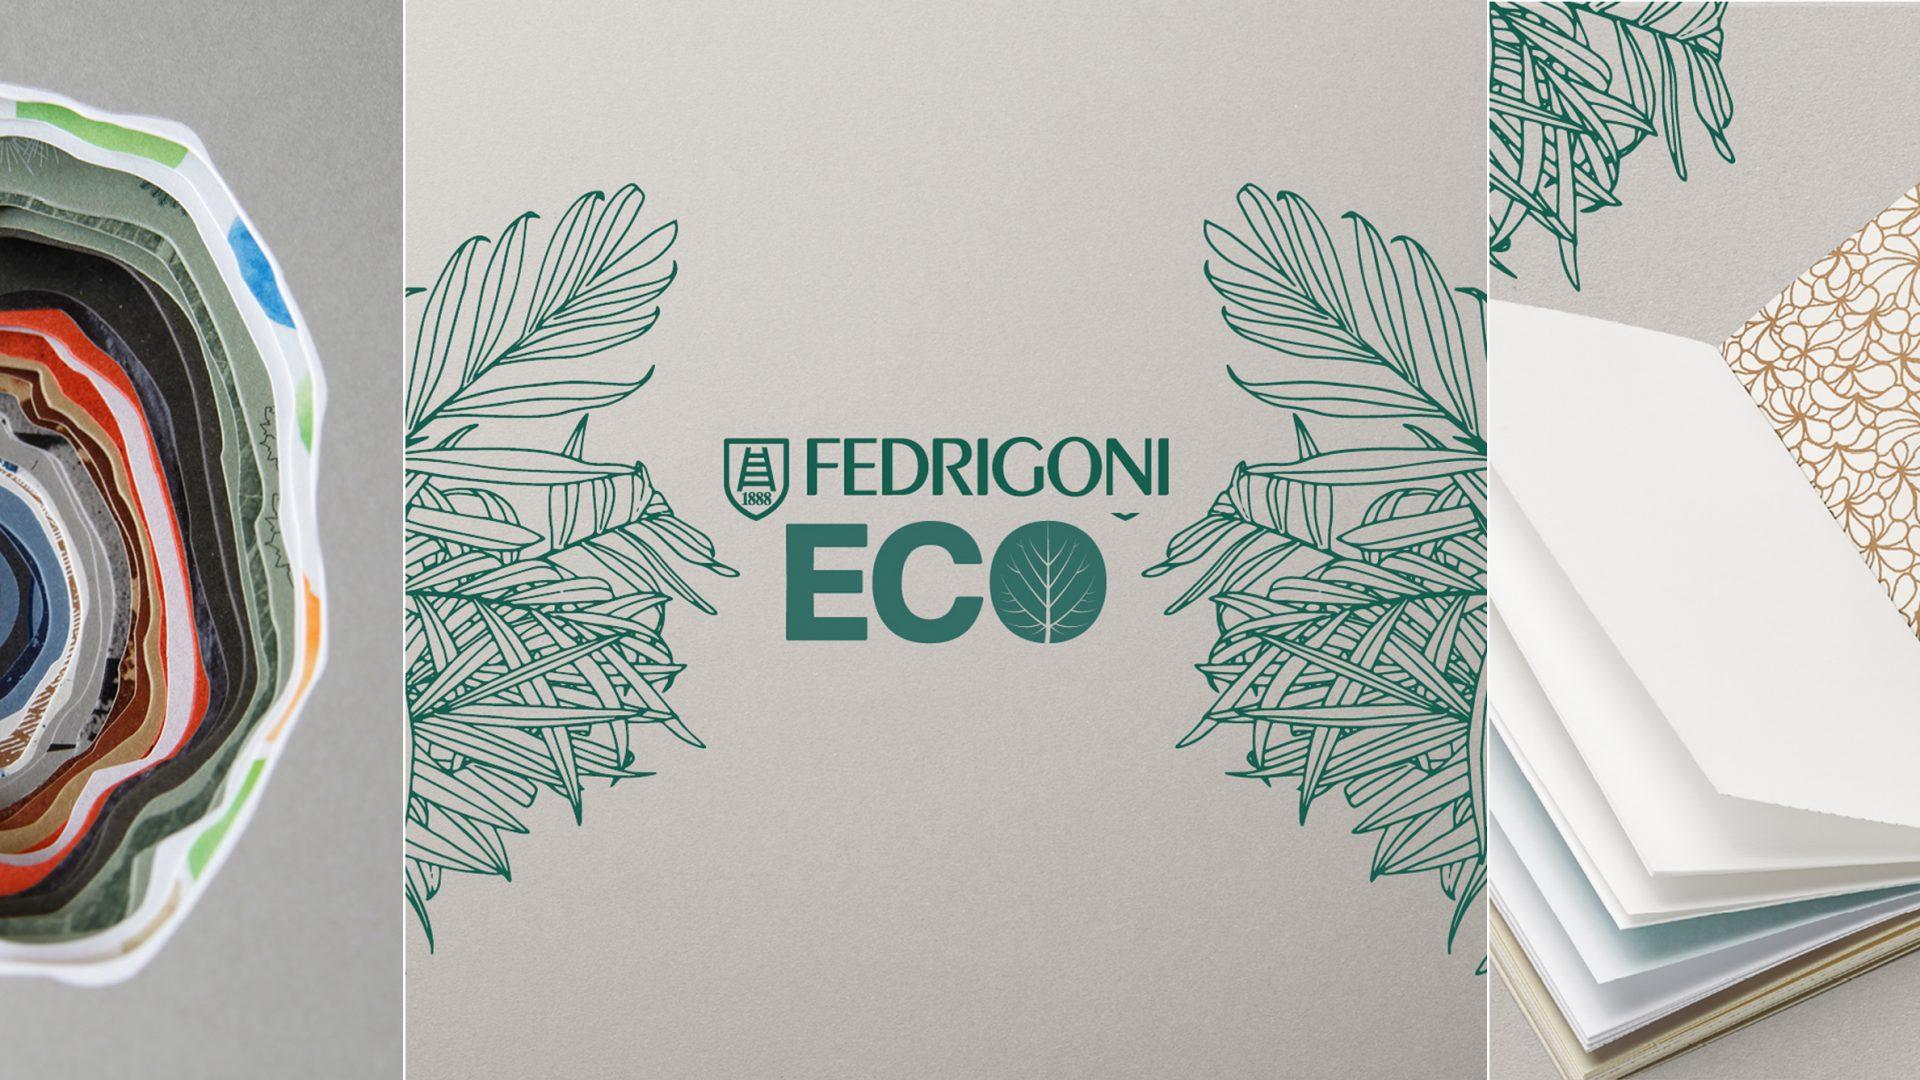 Larga vida a los 'recycled papers'!